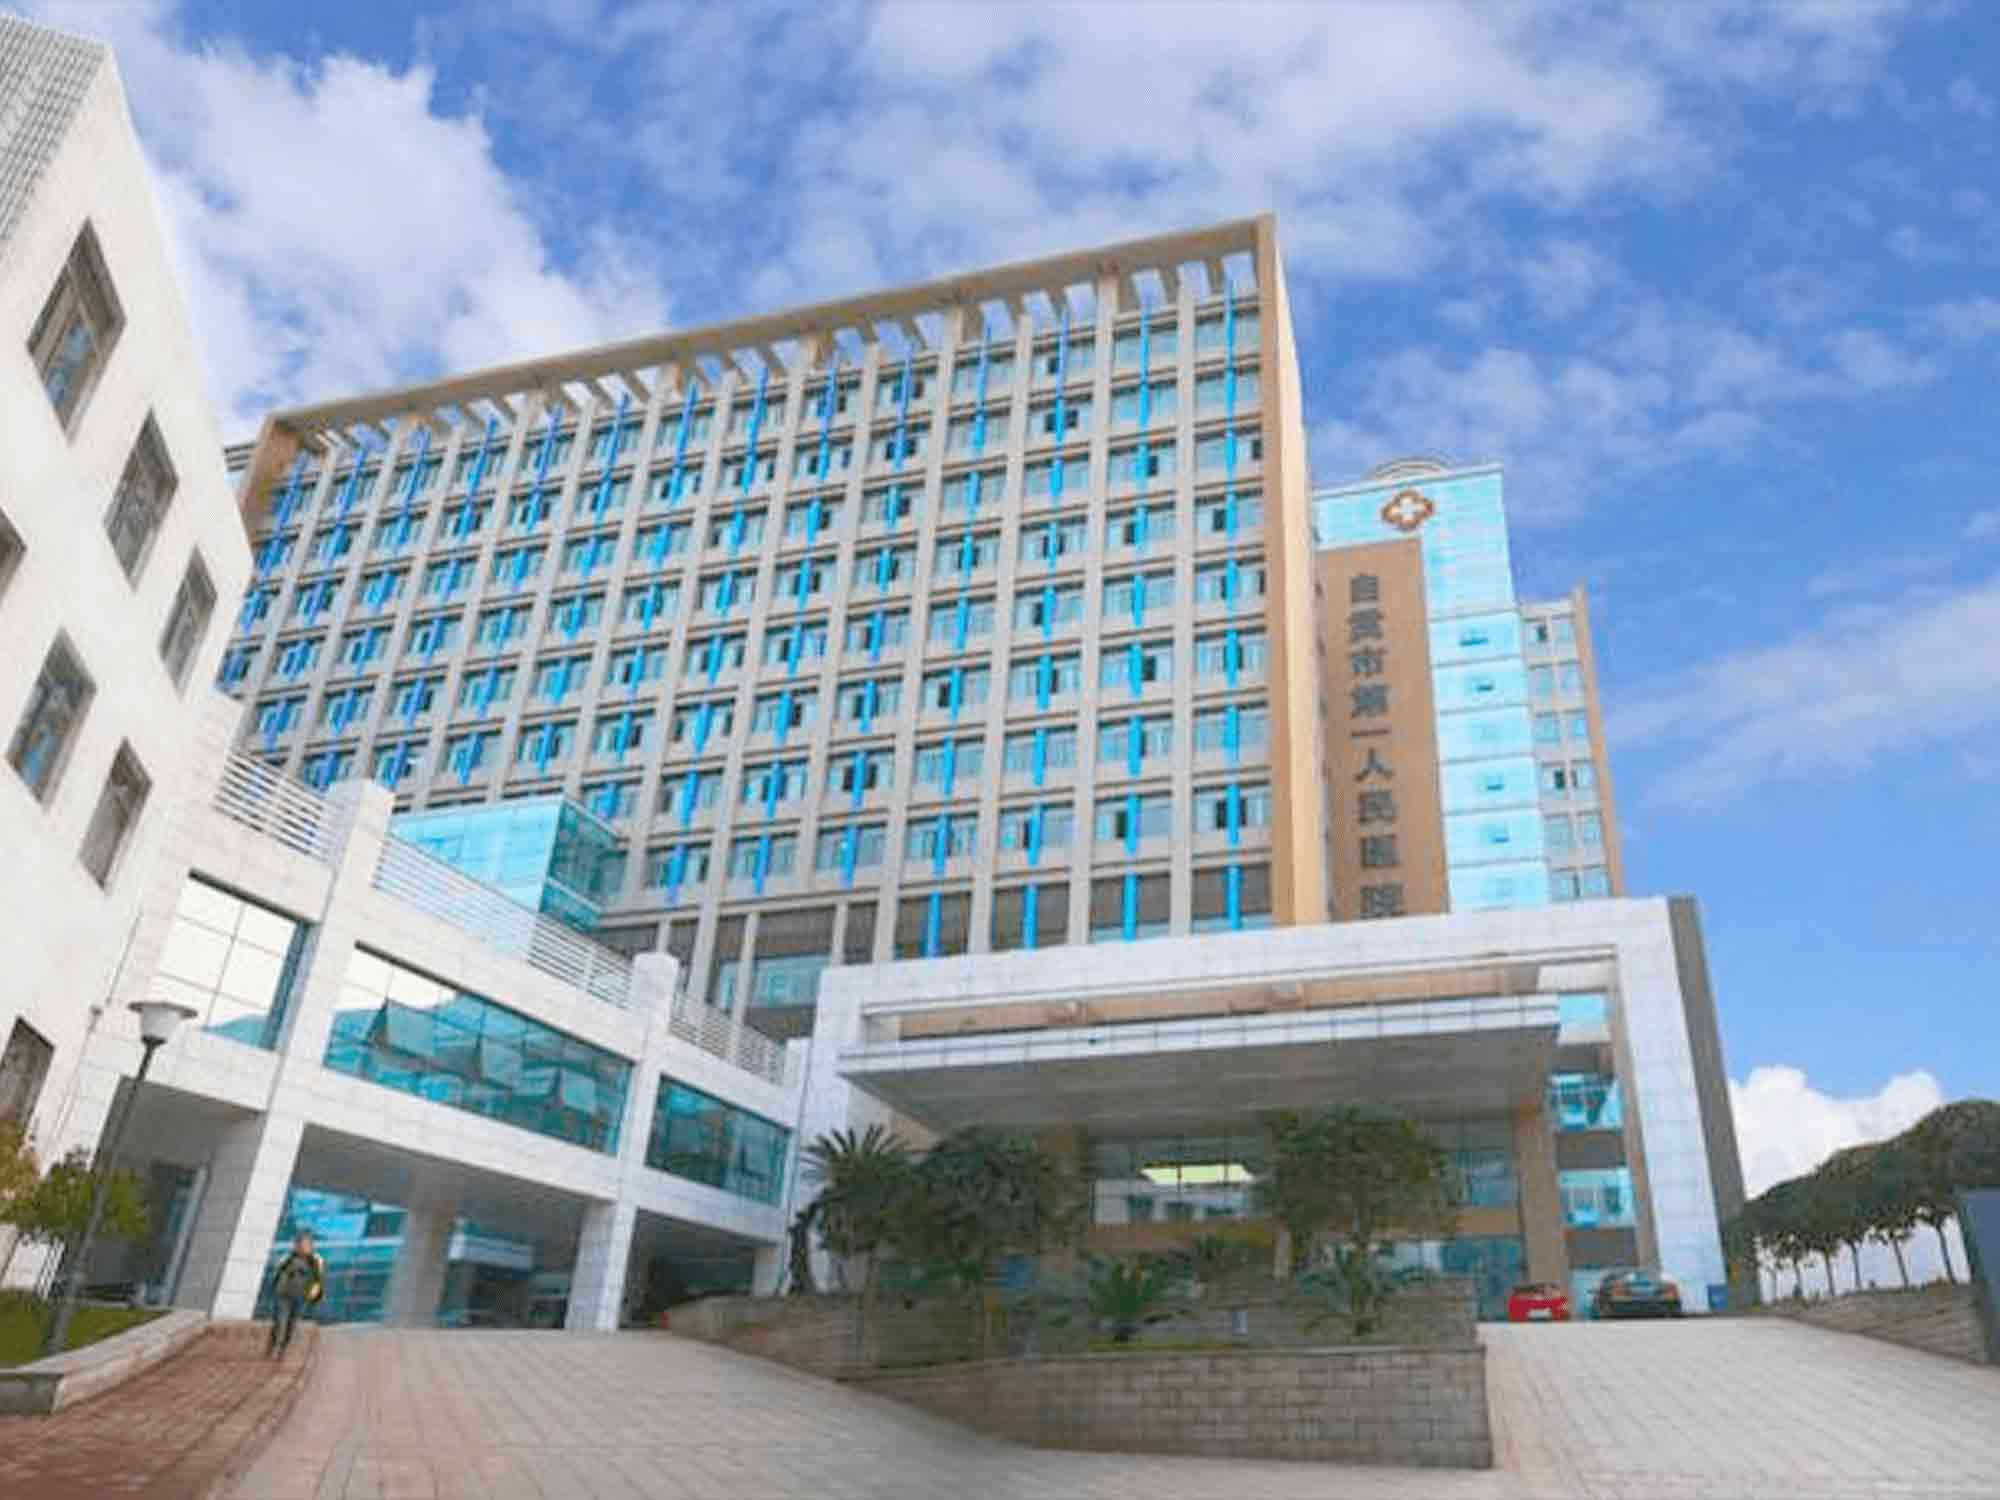 自贡市第一人民医院体检中心